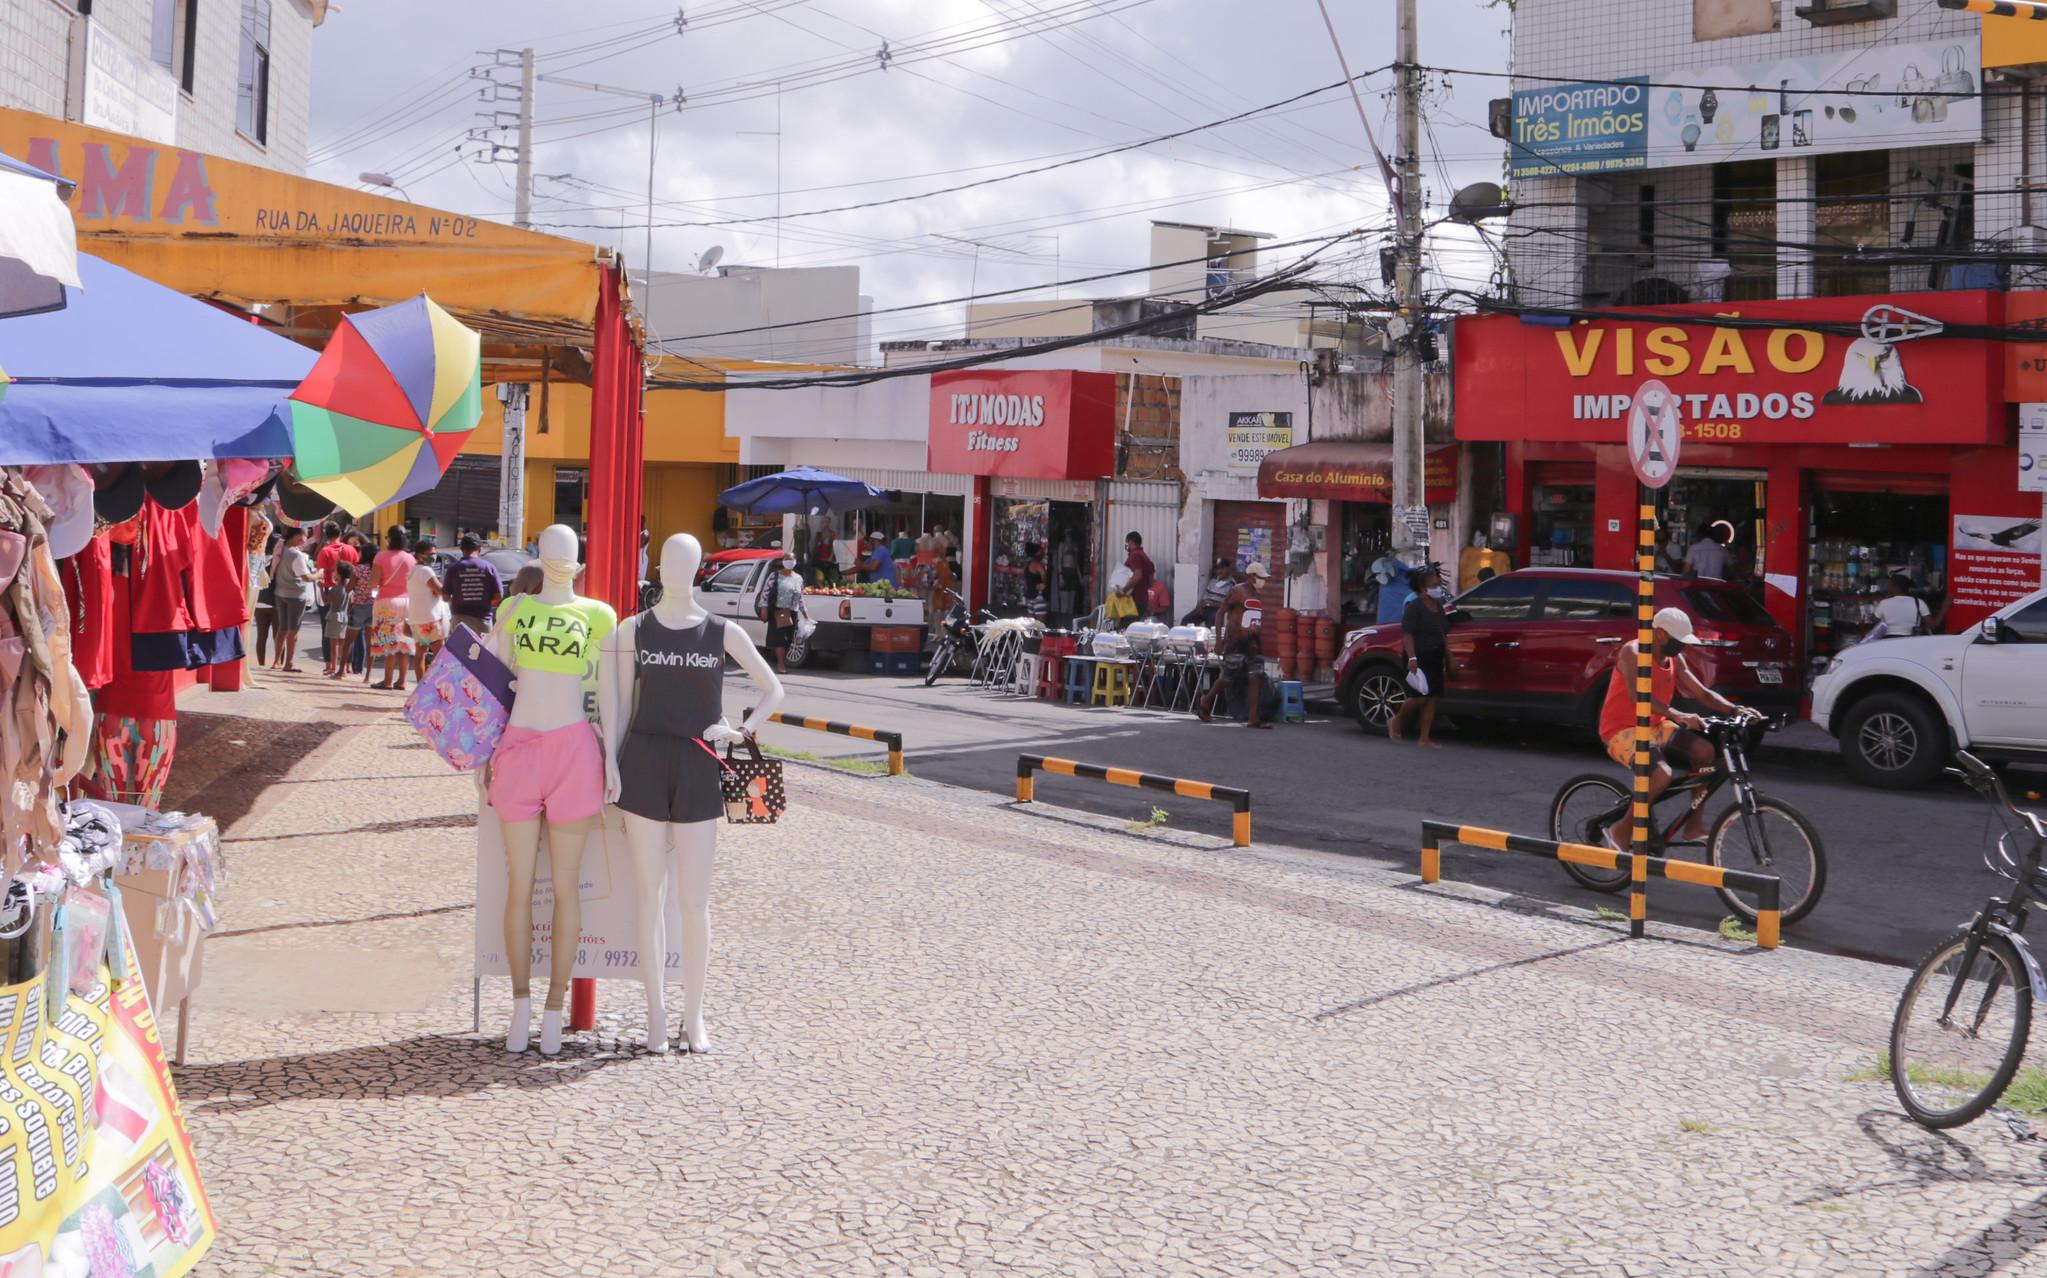 Prefeitura de Lauro de Freitas publica novo protocolo de funcionamento dos shoppings, comércio e barracas de praia